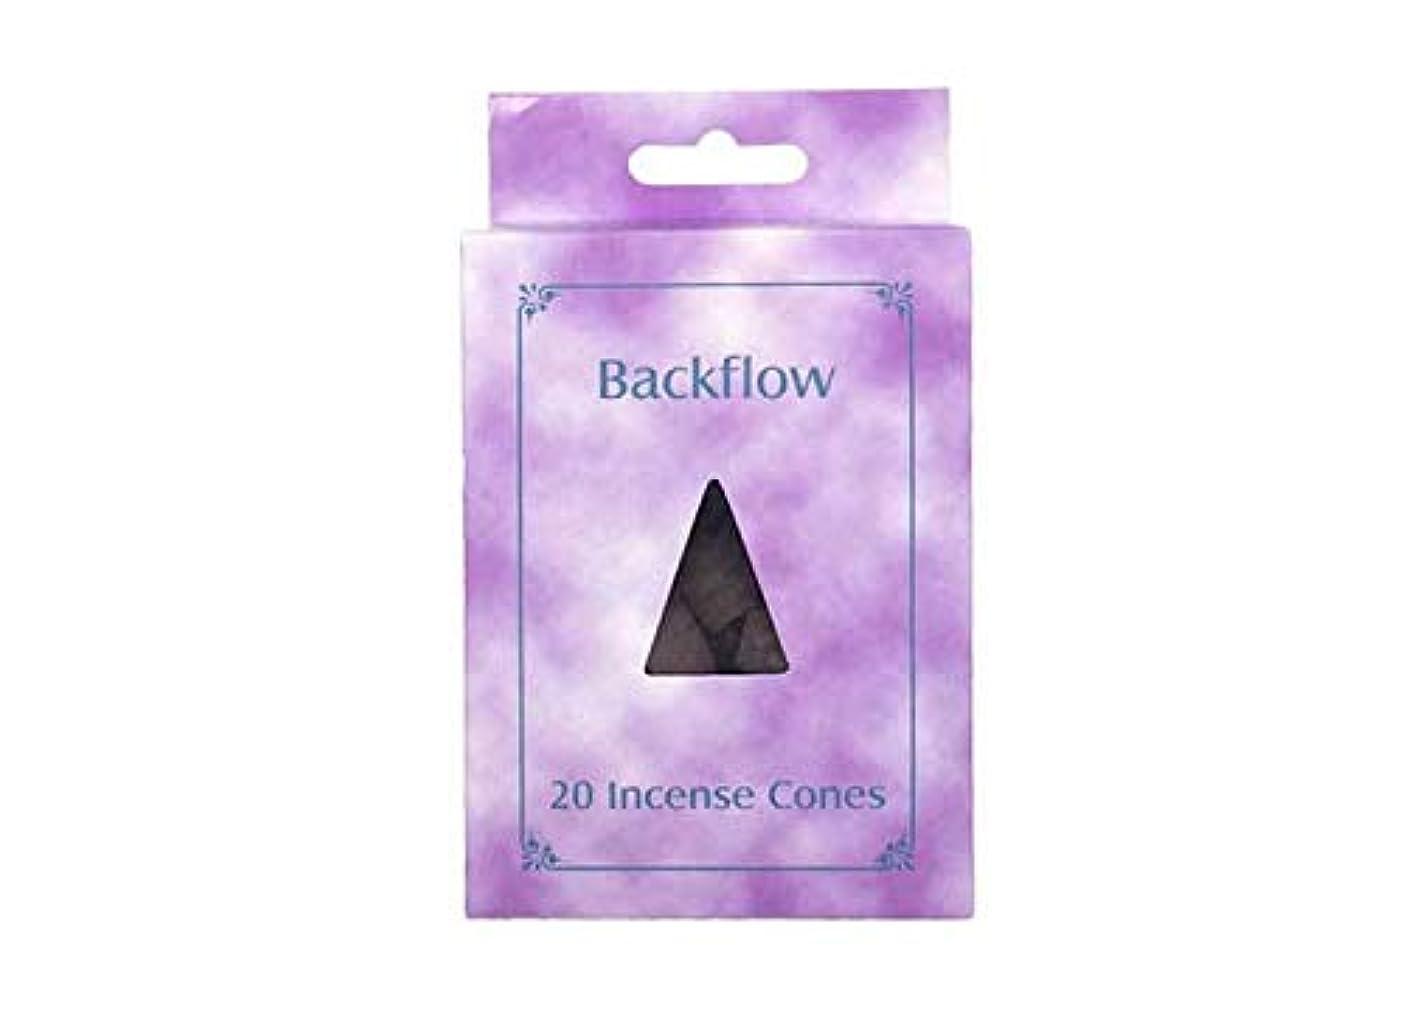 わがままじゃないペストお香 逆流コーン 逆流香 20p ローズ Backflow Incense Cones 20p Rose